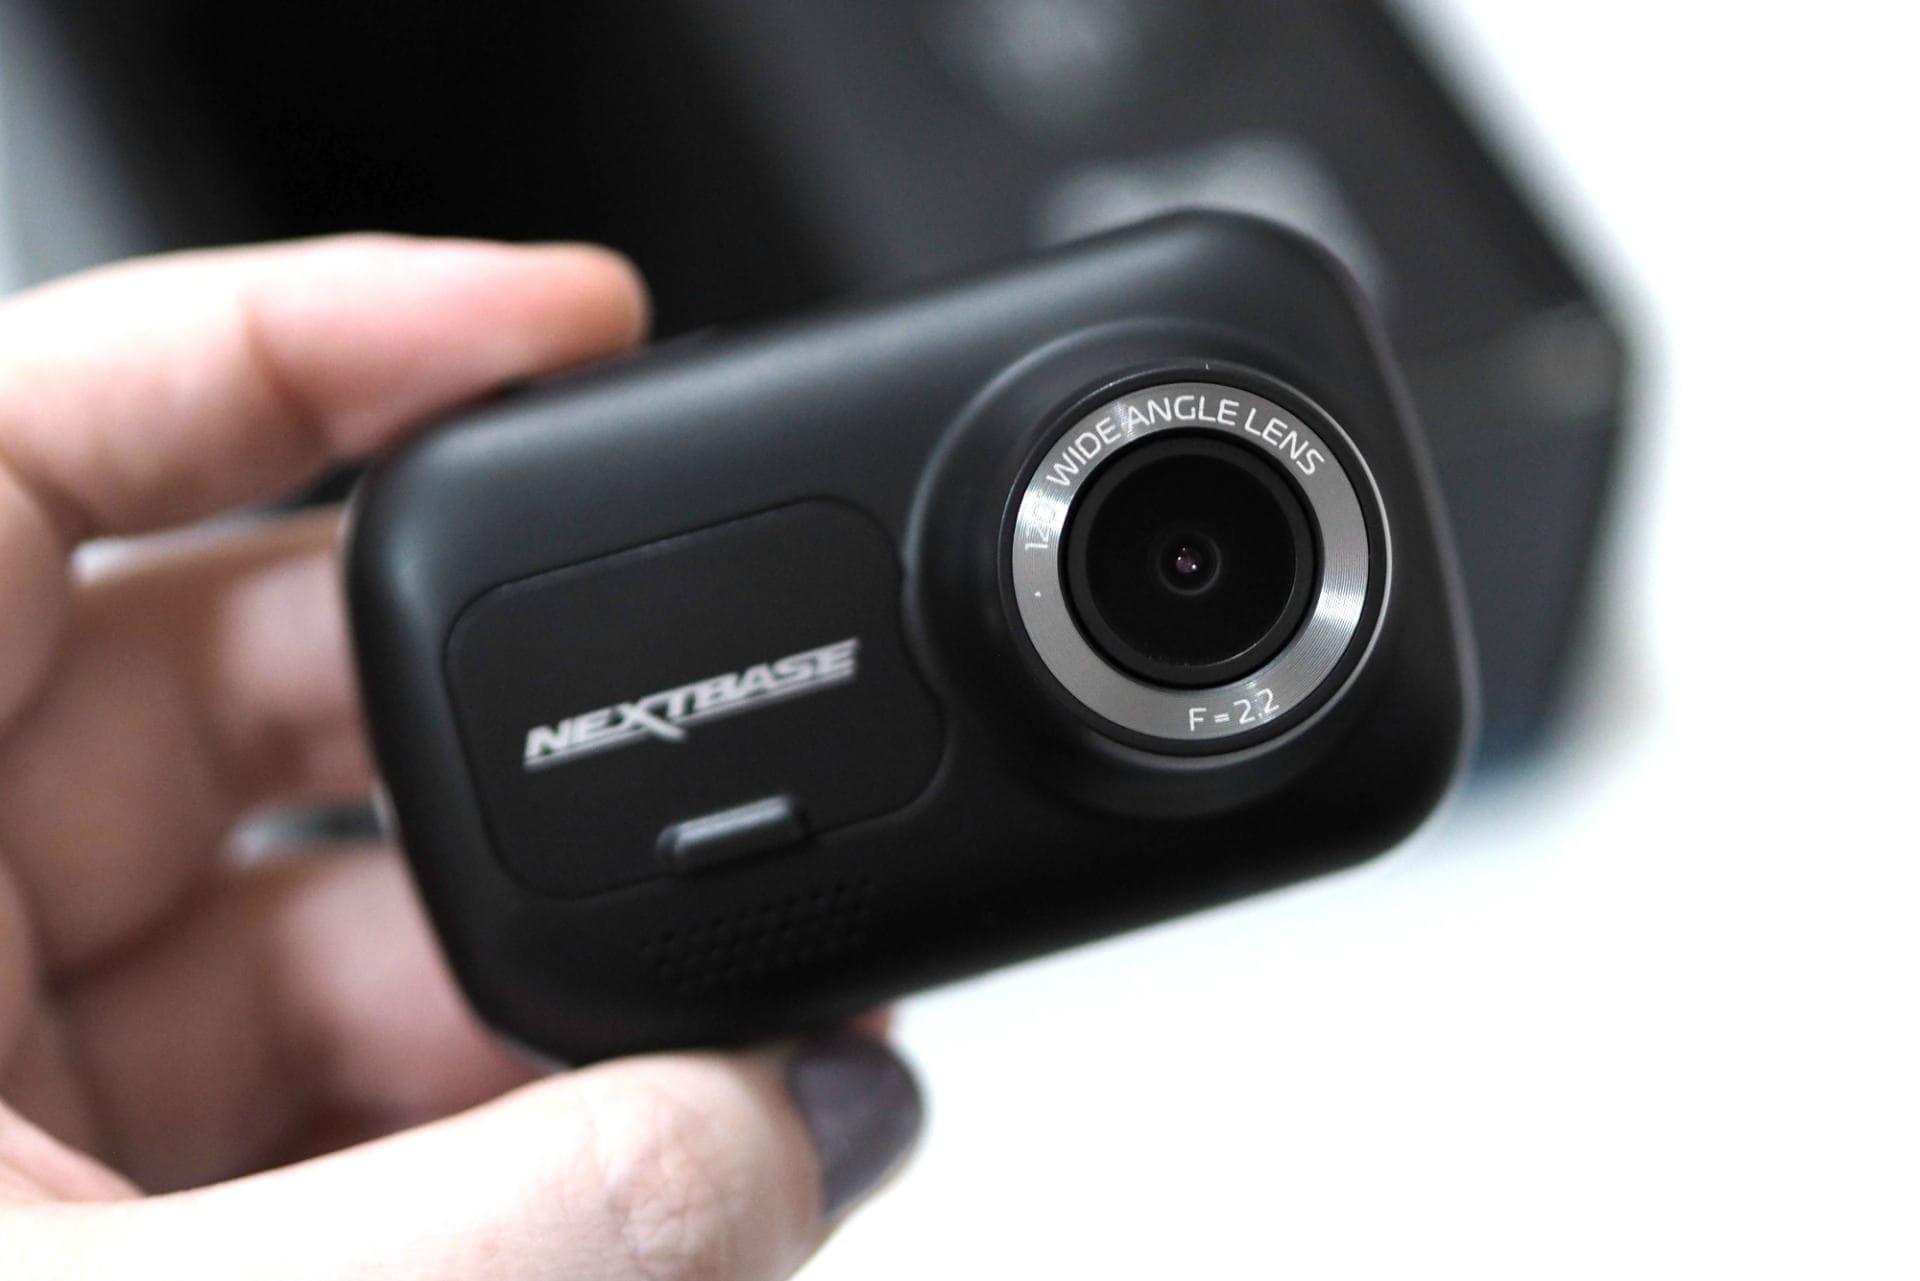 Nextbase 122 Dash Cam Series 2